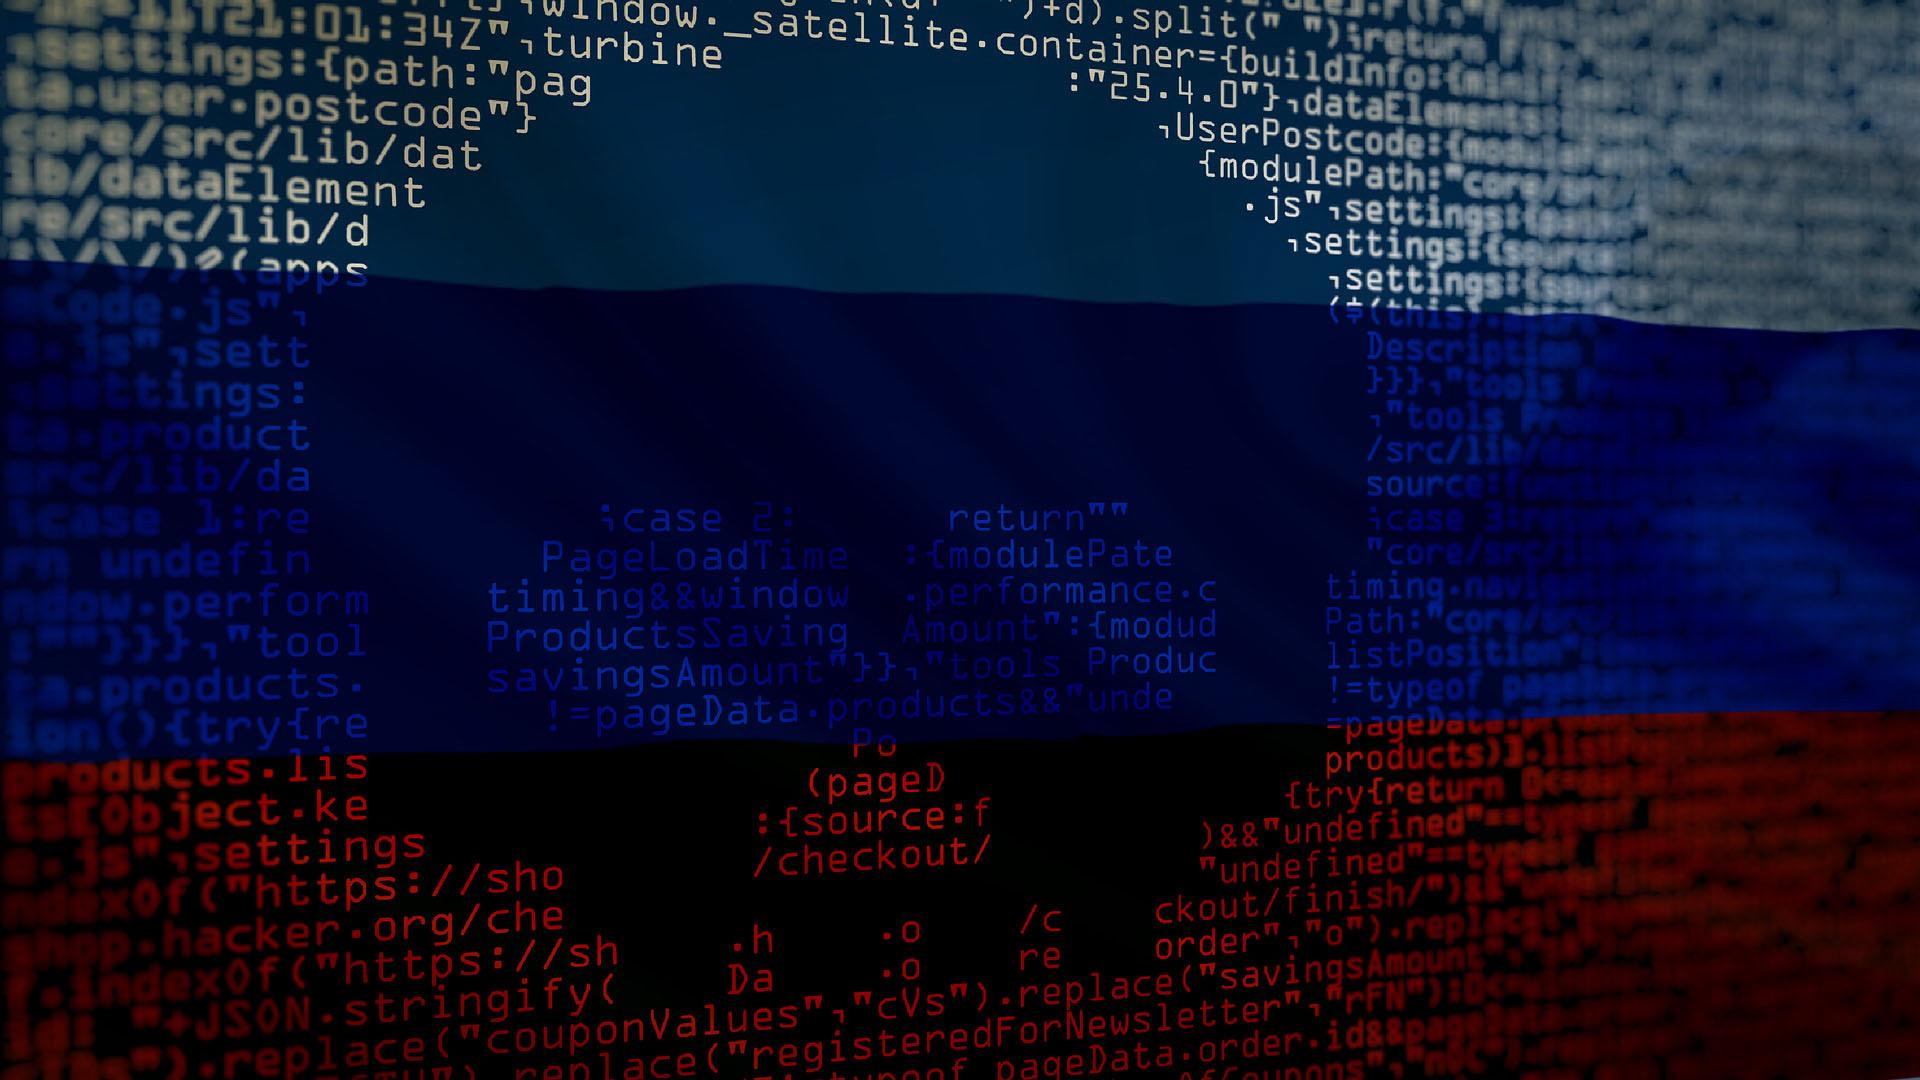 Strontium (Grupo de hackers ruso)